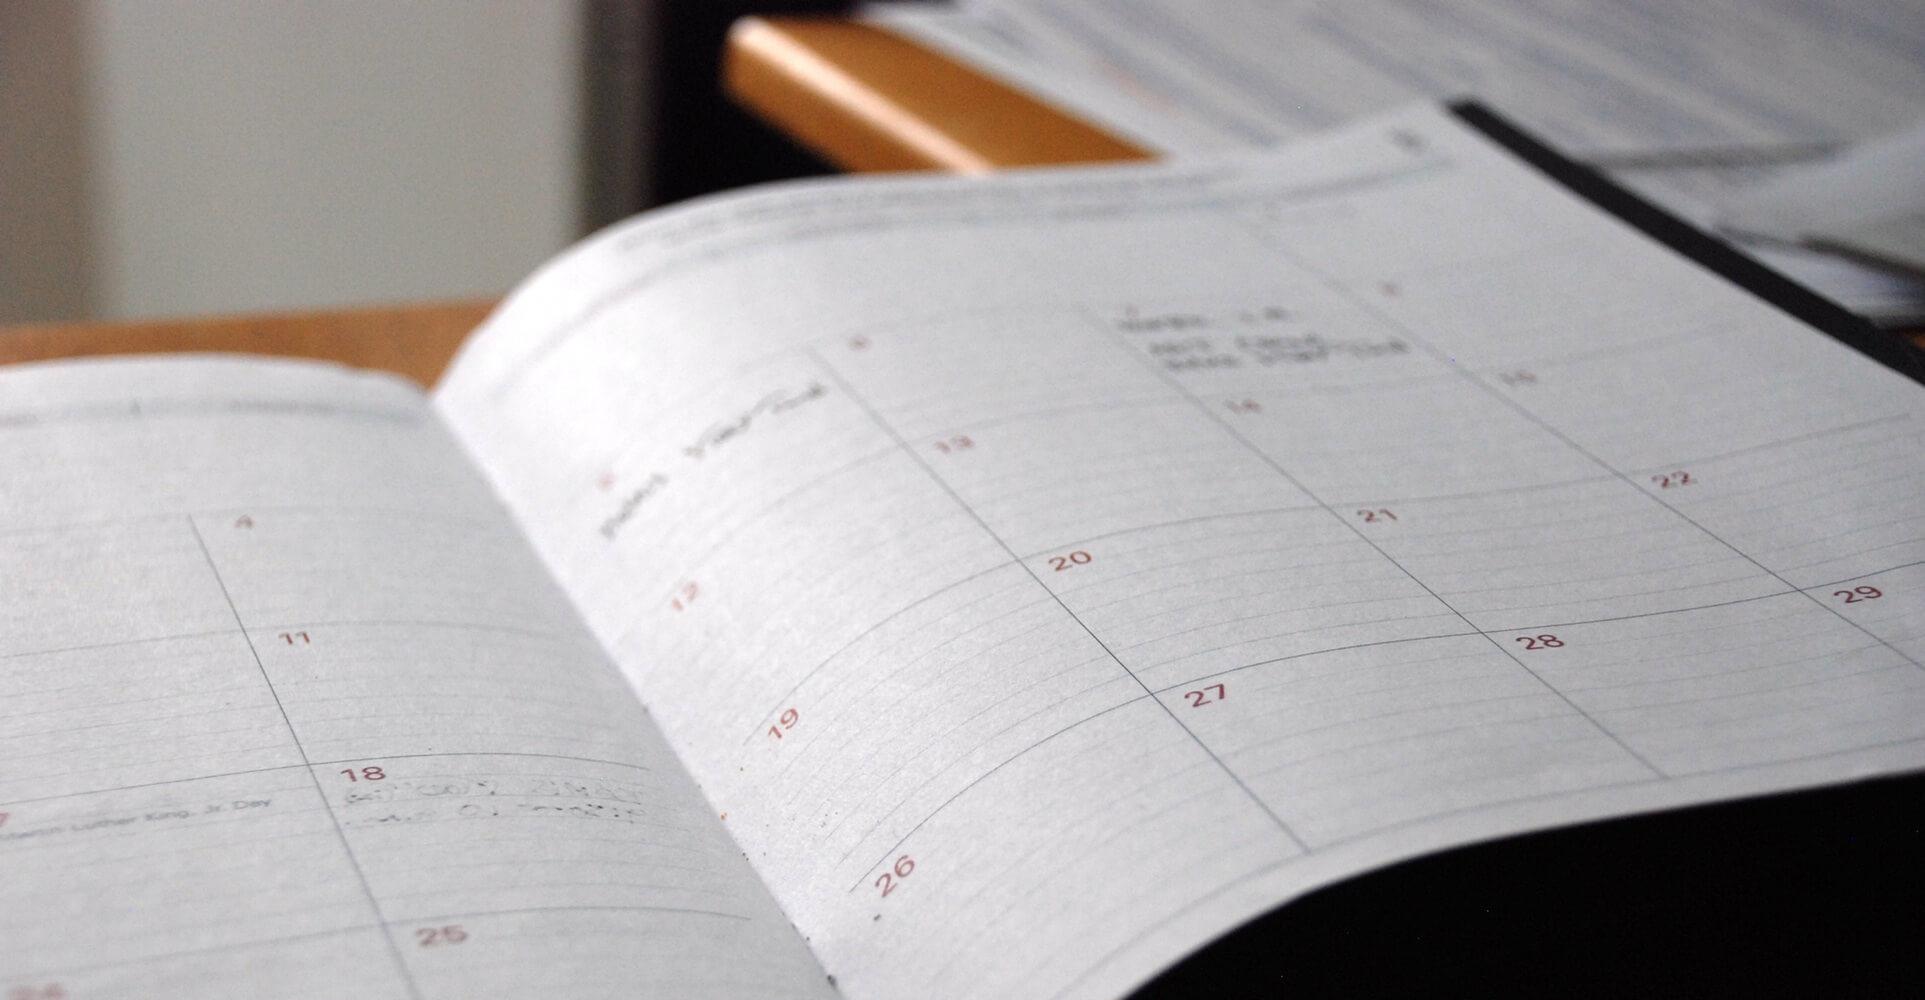 Sample Board Meeting Agenda Template   Boardeffect With Board Of Directors Meeting Agenda Template